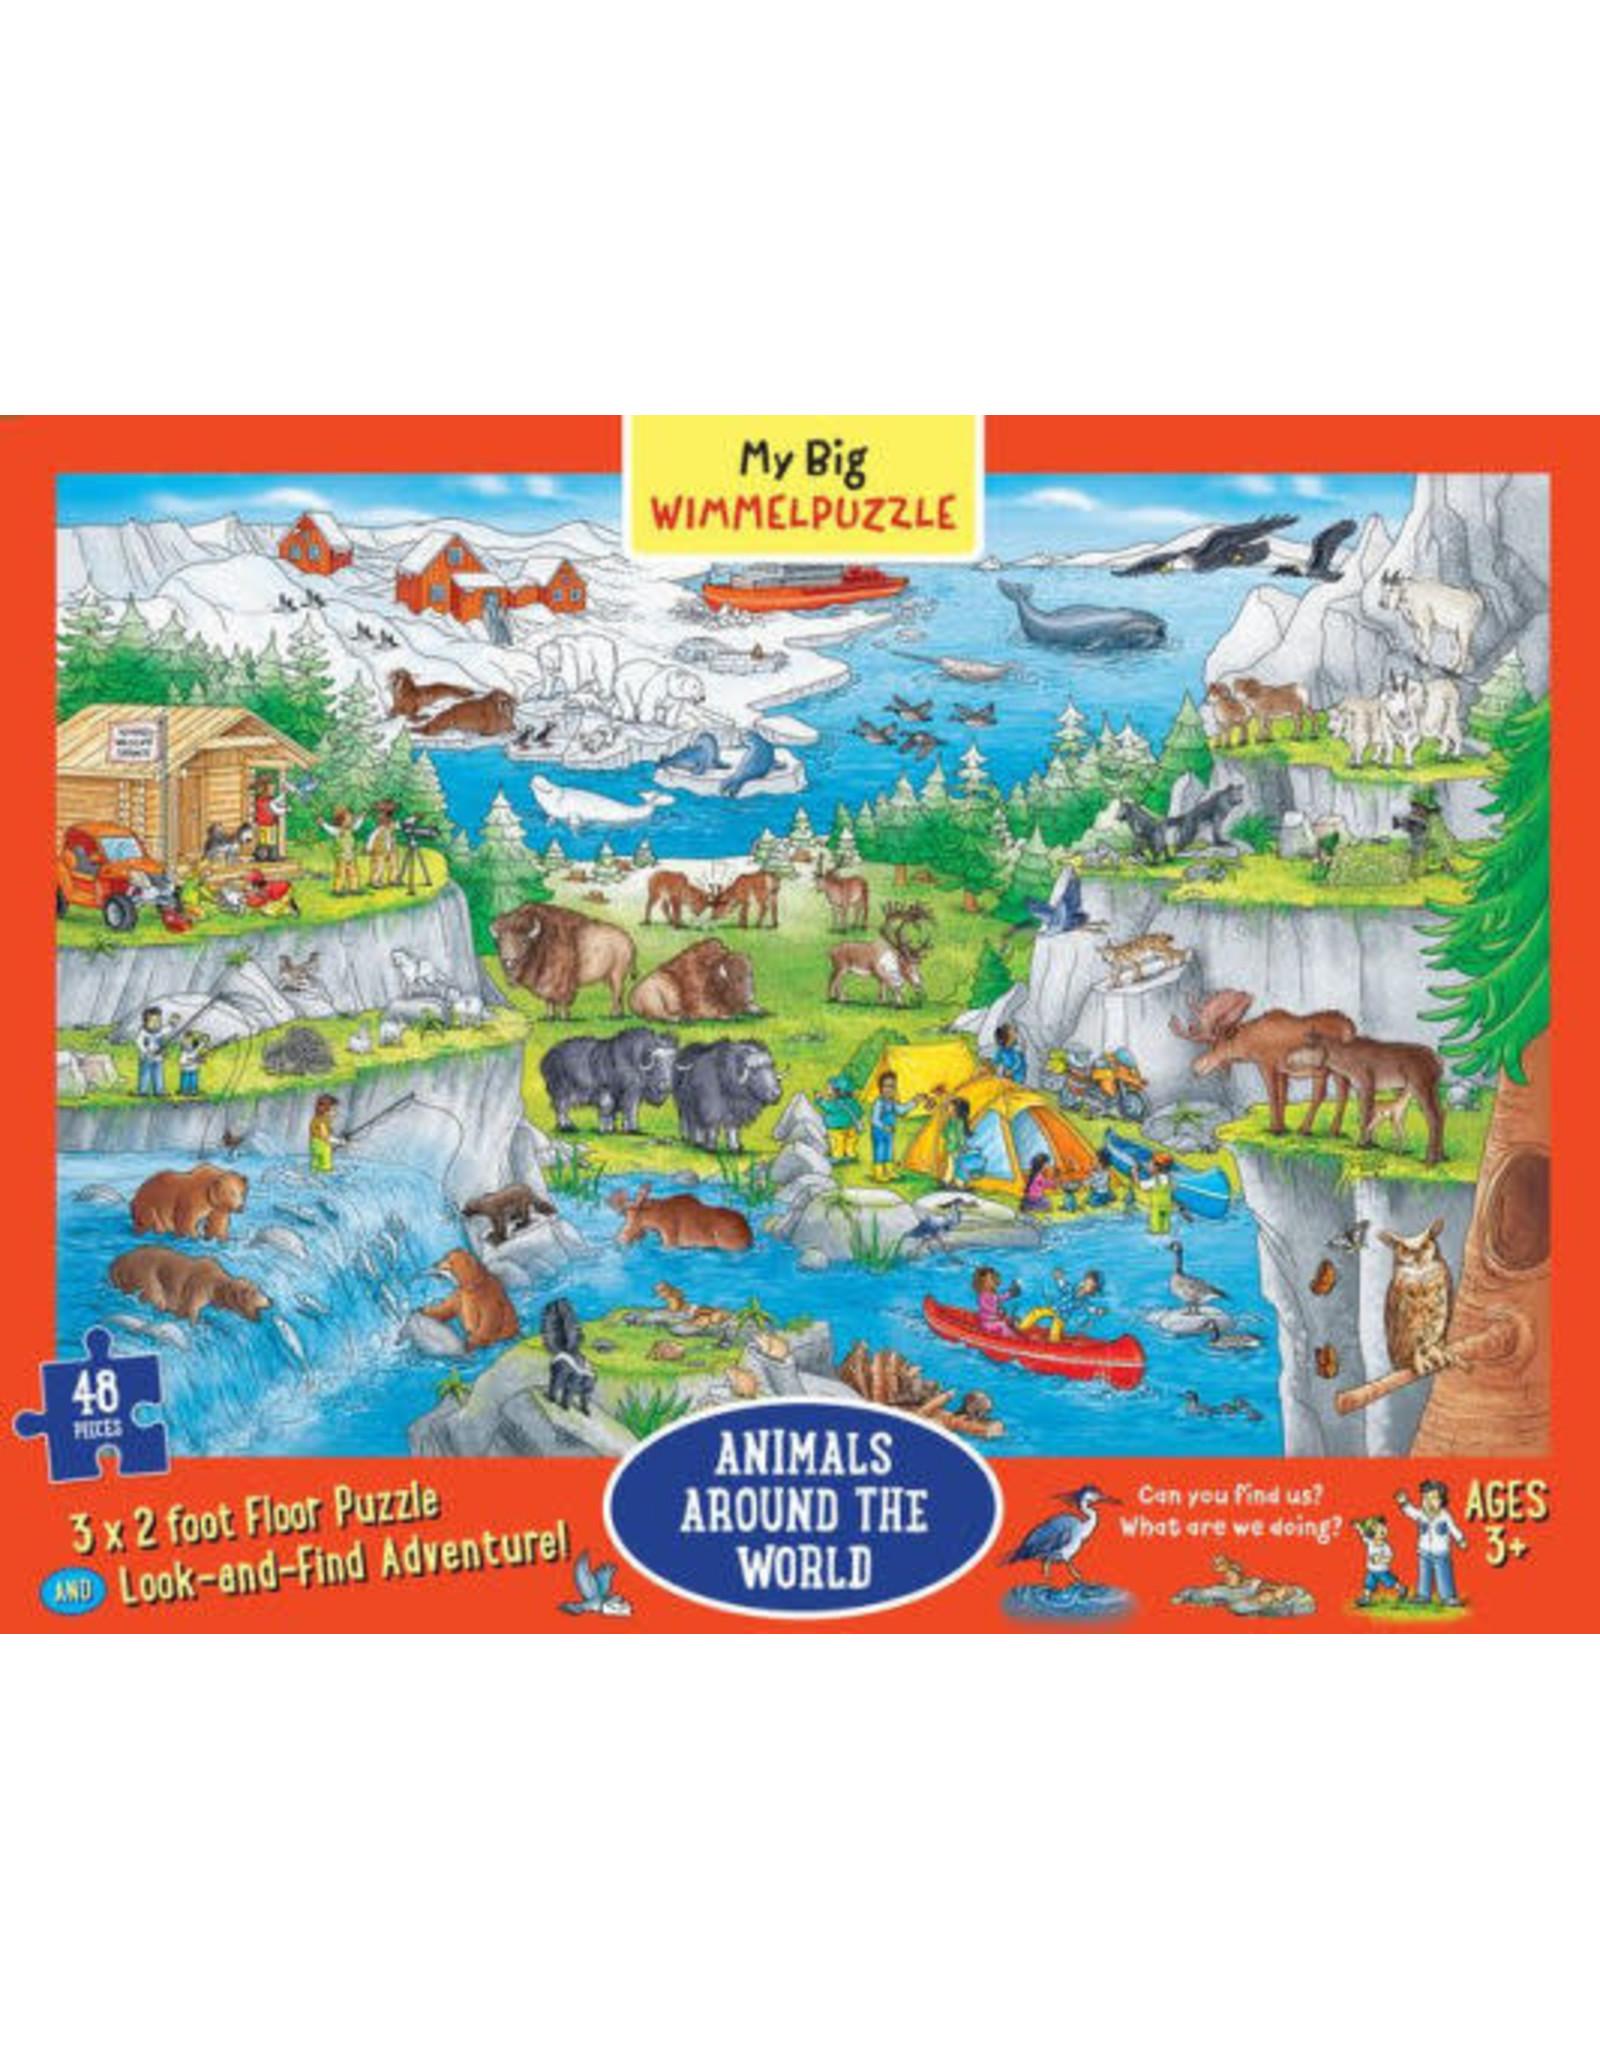 My Big Wimmelpuzzle: Animals Around the World 48 pc